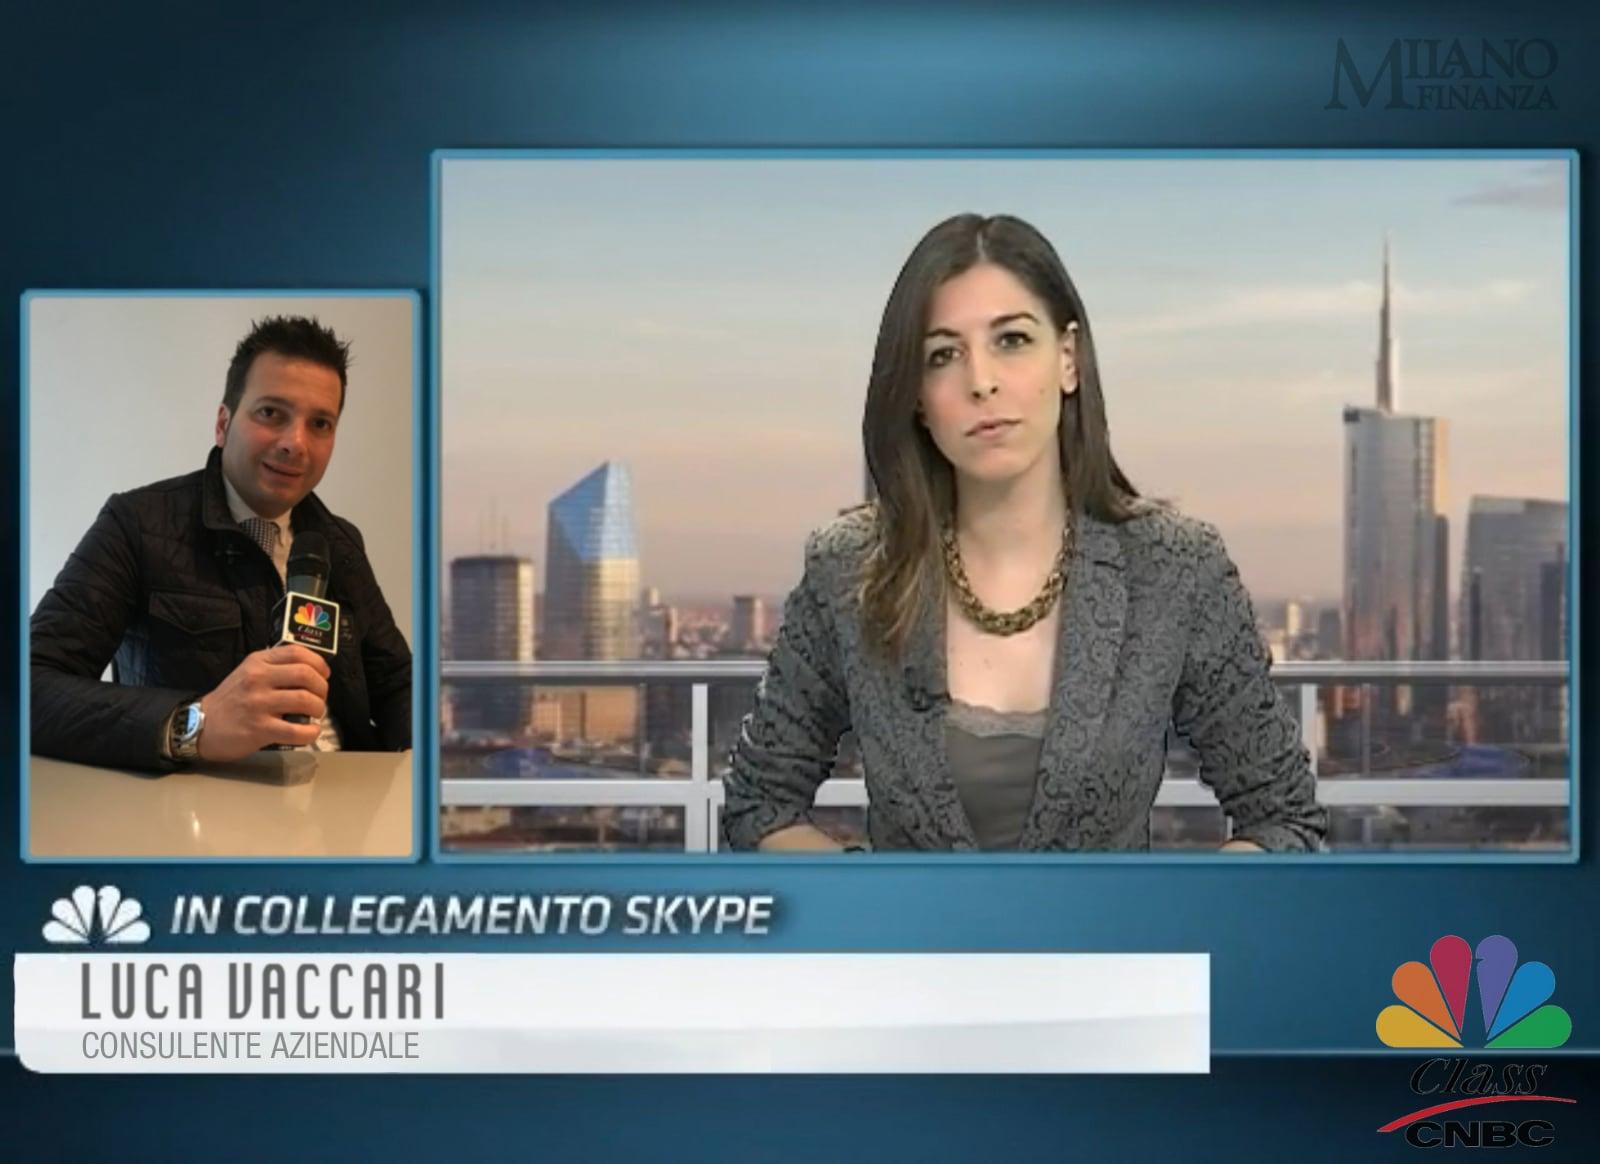 Consulente-aziendale-per-imprese-italiane-in-spagna-news-cnbc-class-media